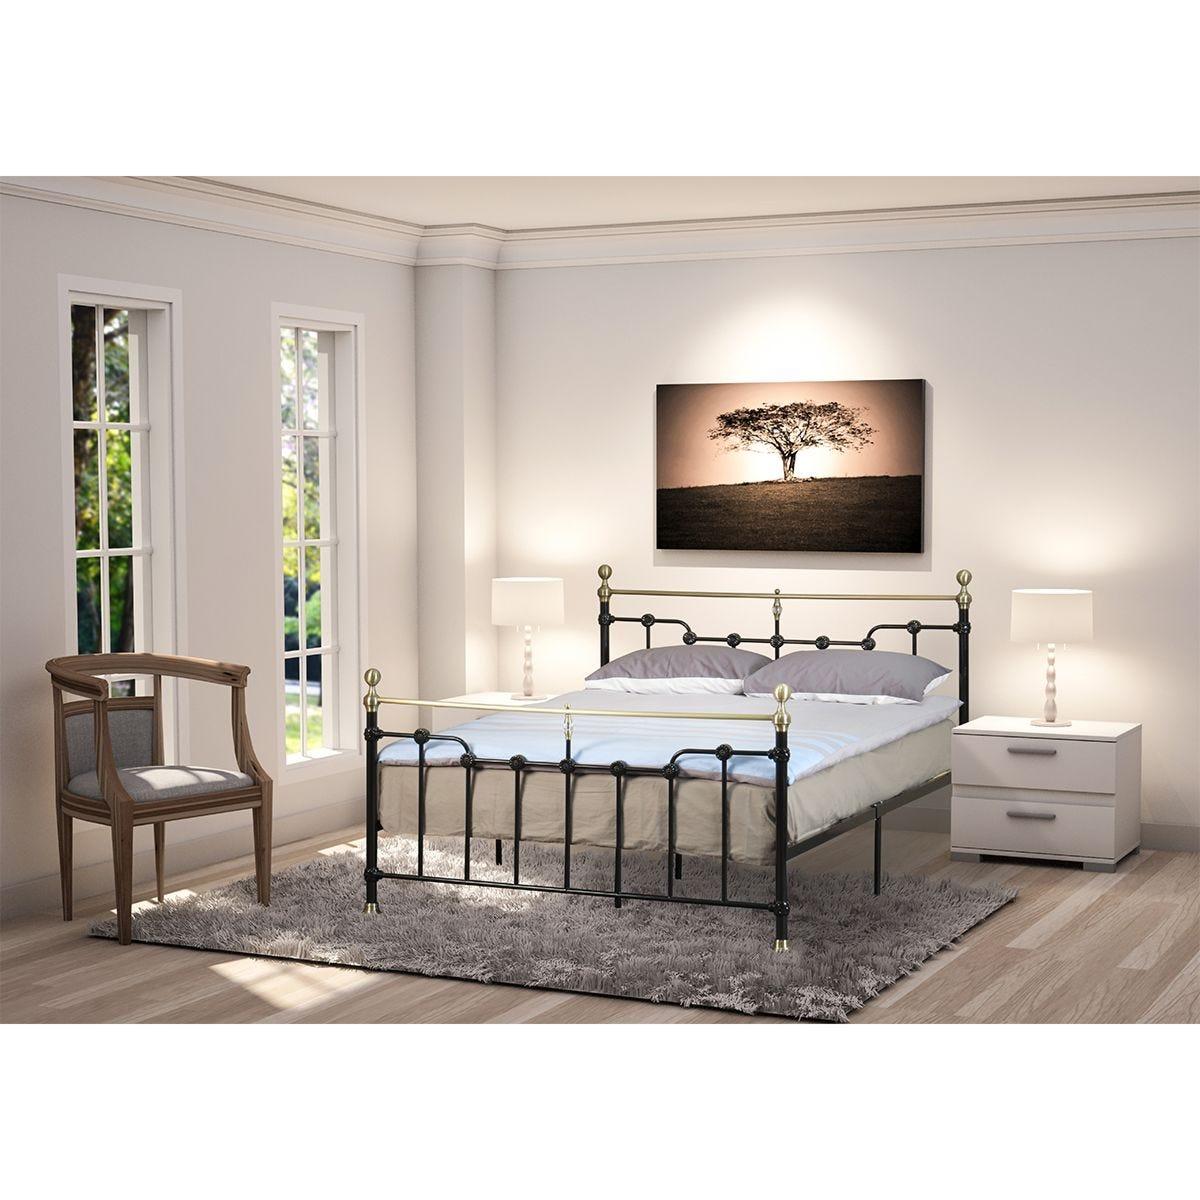 Arabella Metal Bed Frame - Black